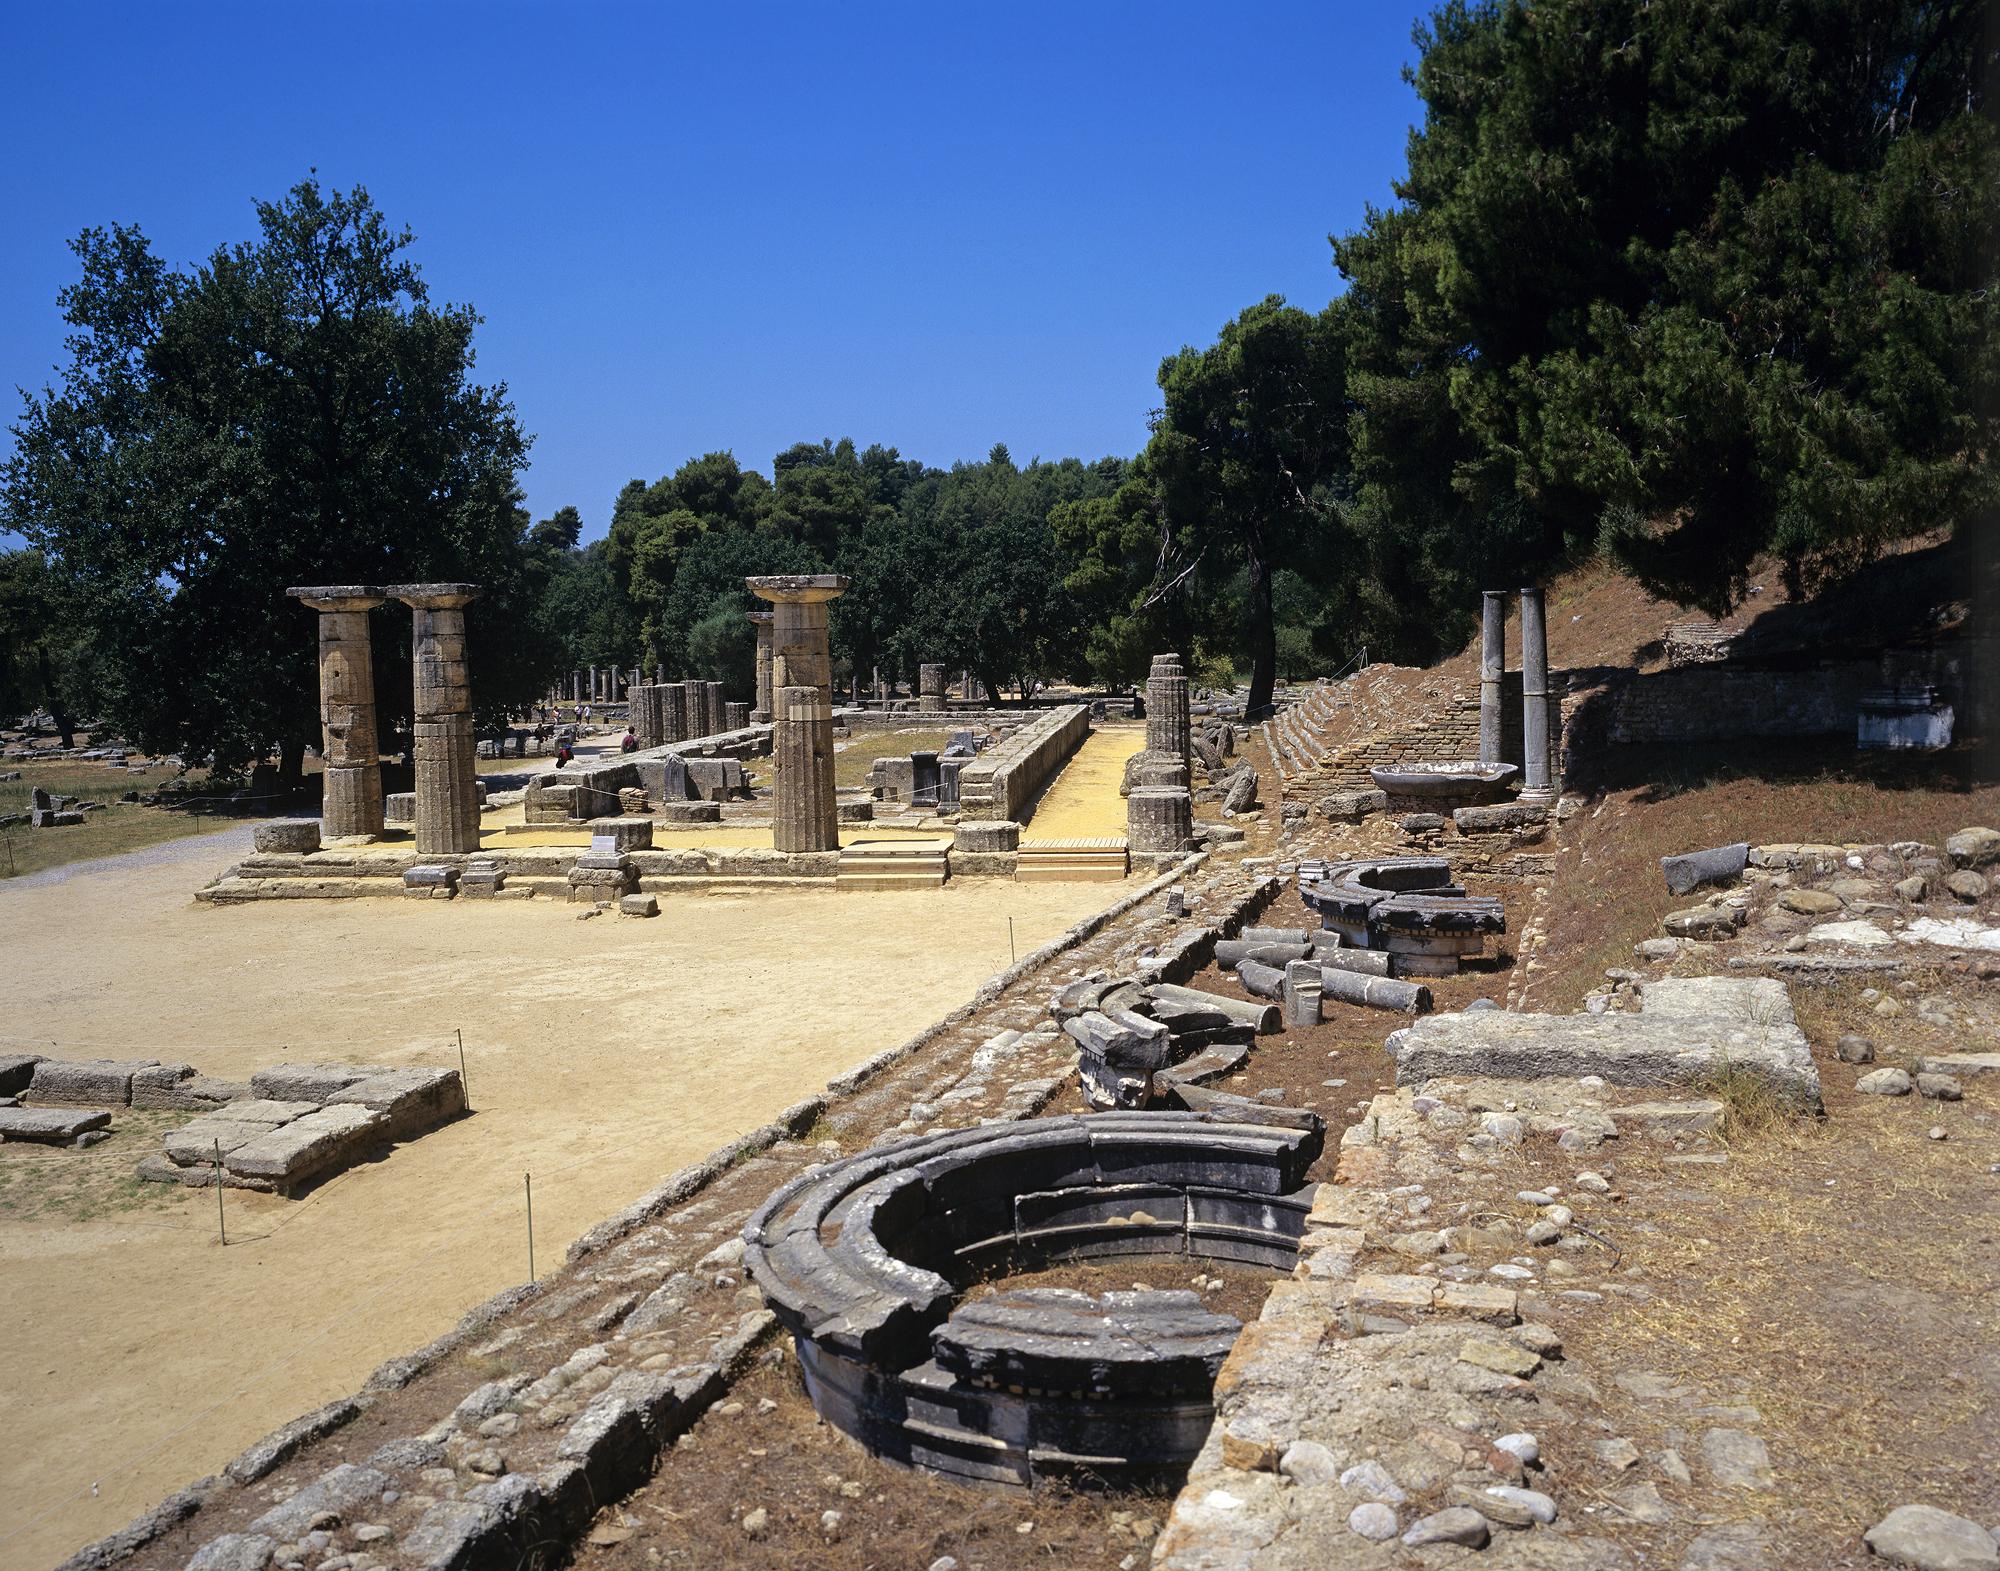 Siente el espíritu olímpico - Grecia Circuito Atenas, Islas Griegas y Grecia Clásica